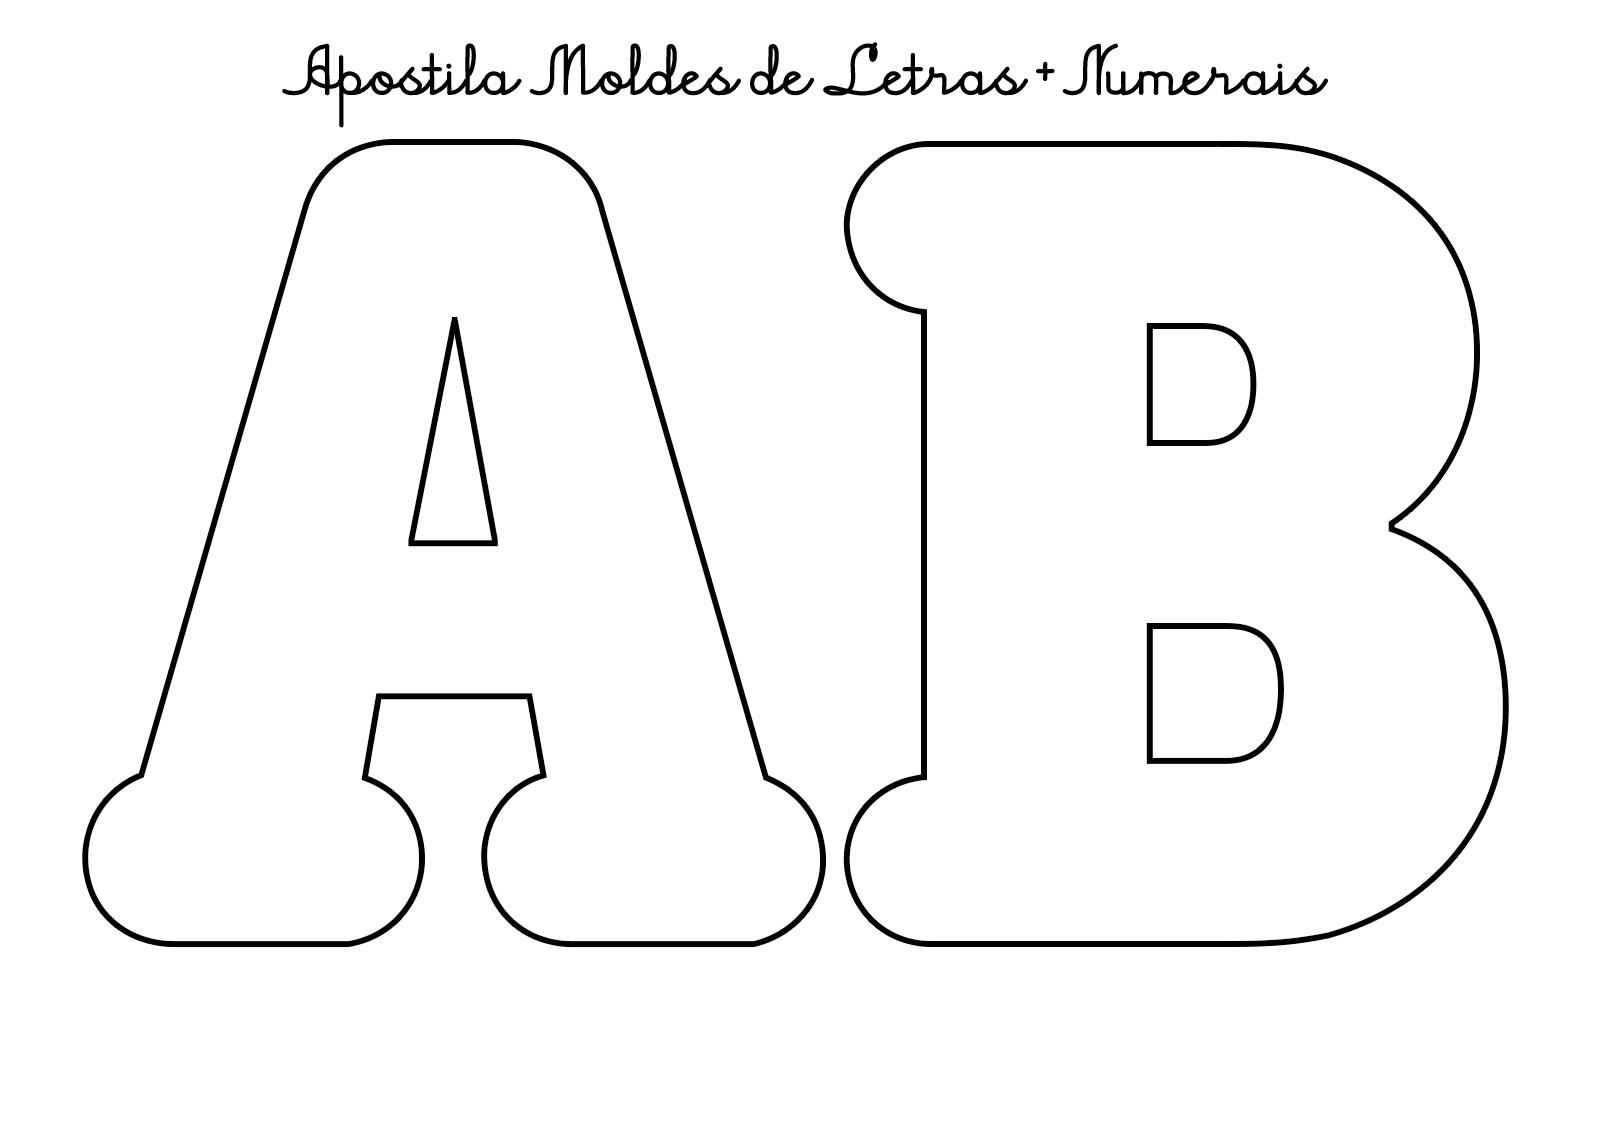 Moldes Do Alfabeto Letras Tamanho Medio E Numeros Pdf 46 Abc No